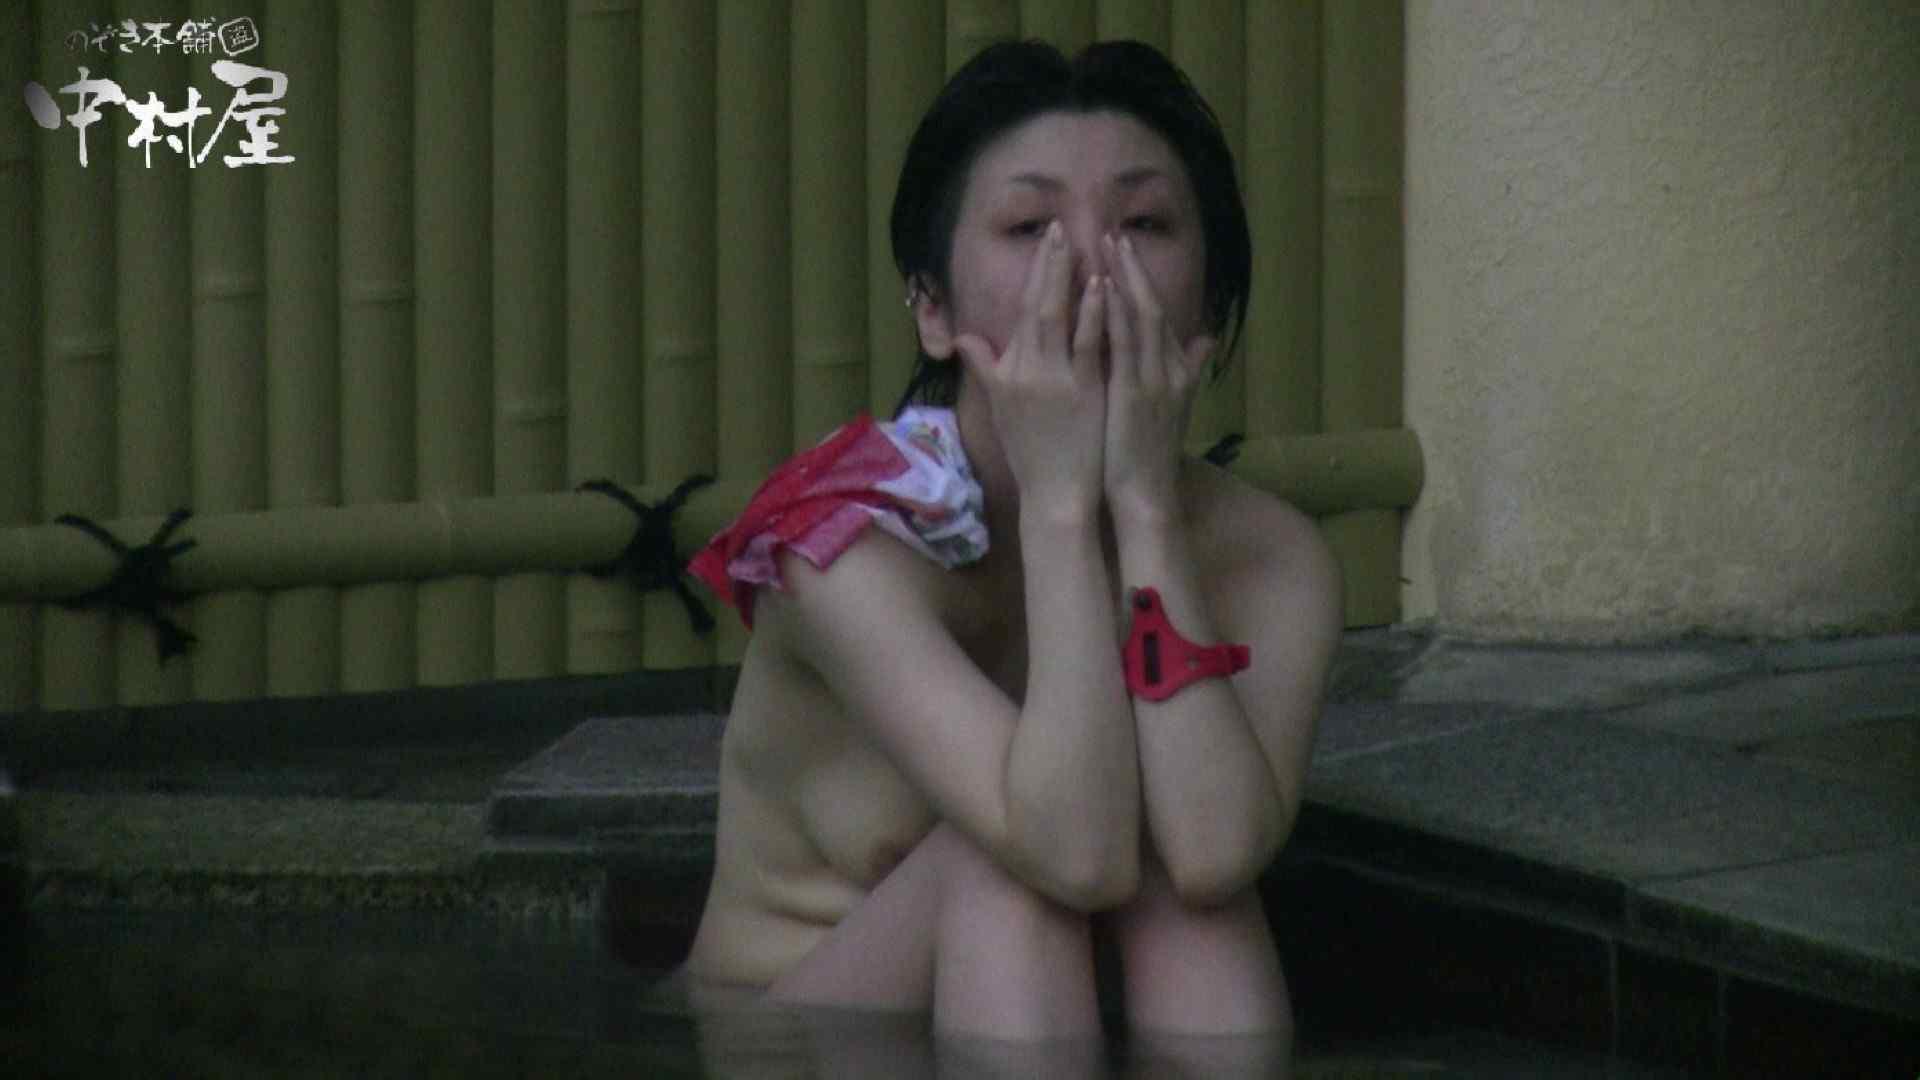 Aquaな露天風呂Vol.884 盗撮師作品 | 美しいOLの裸体  92pic 10